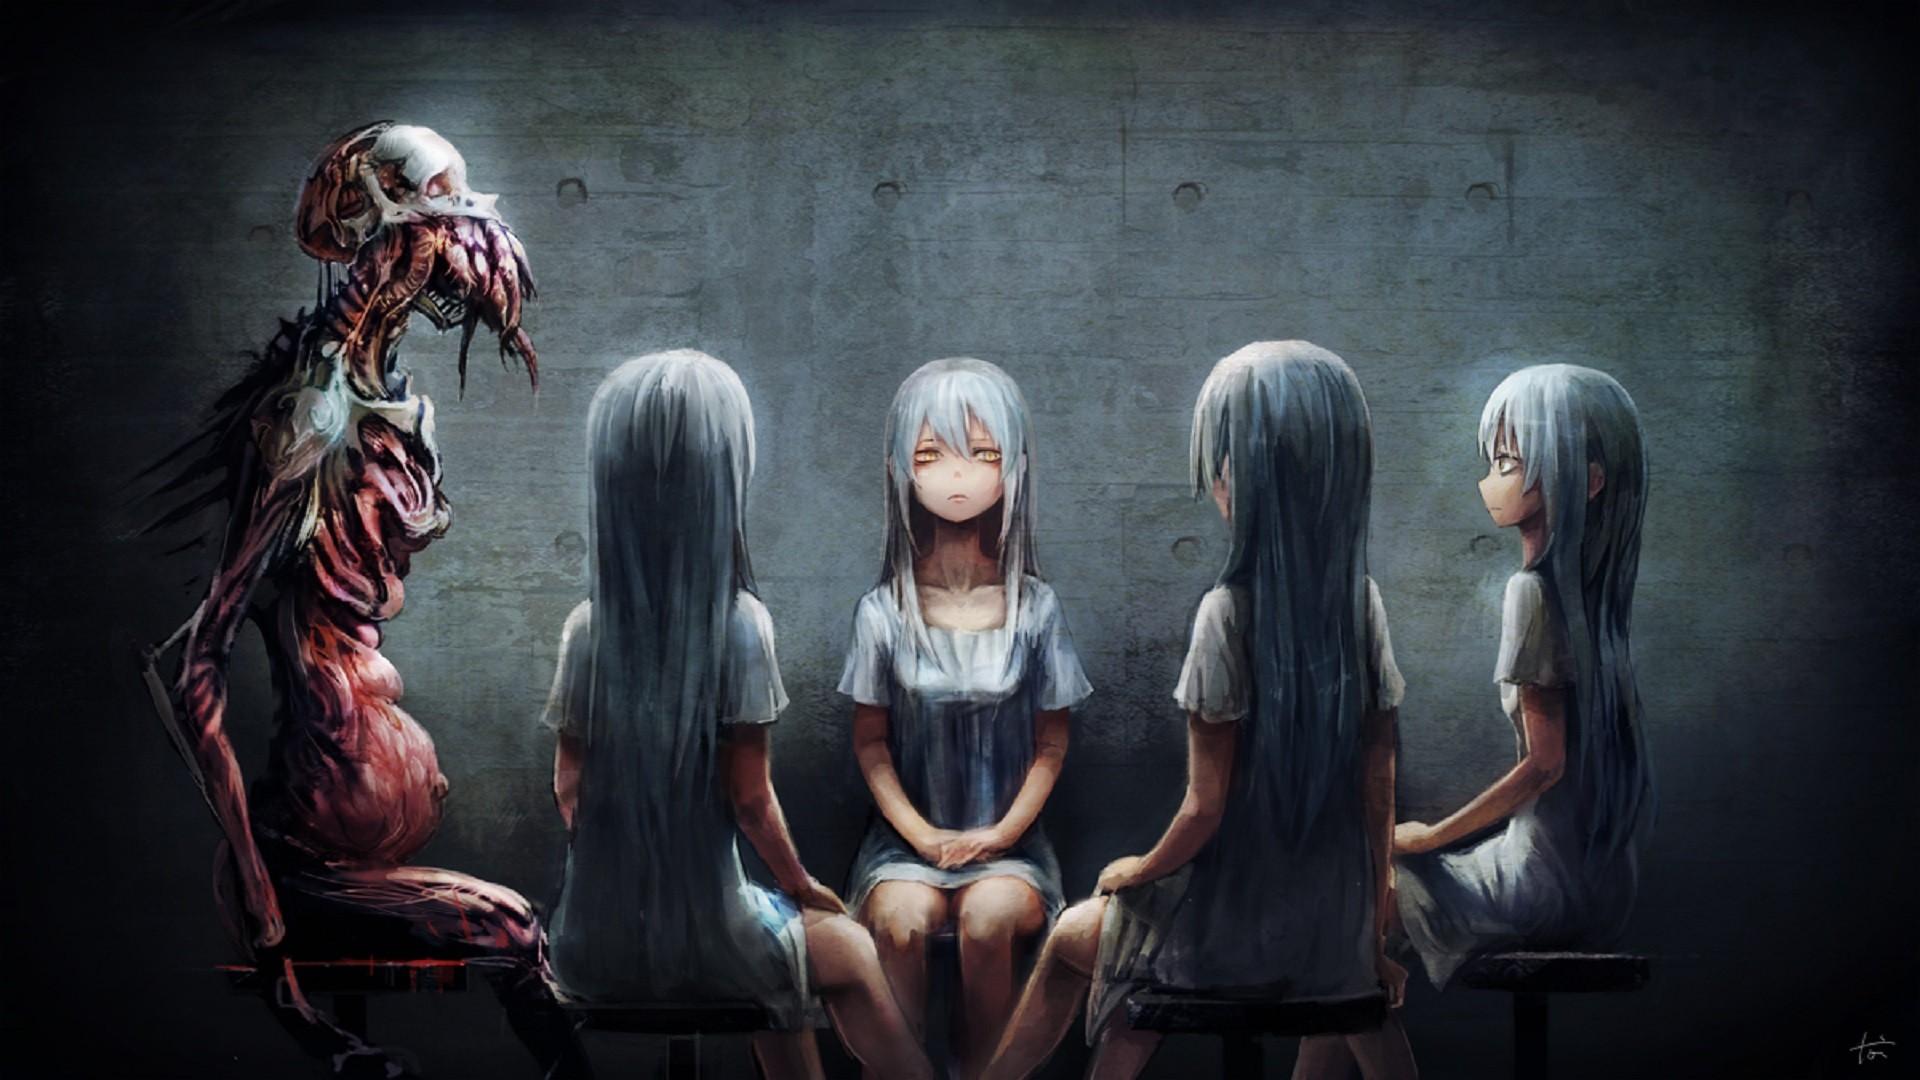 Fond D Ecran Anime Filles Anime Horreur Obscurite Capture D